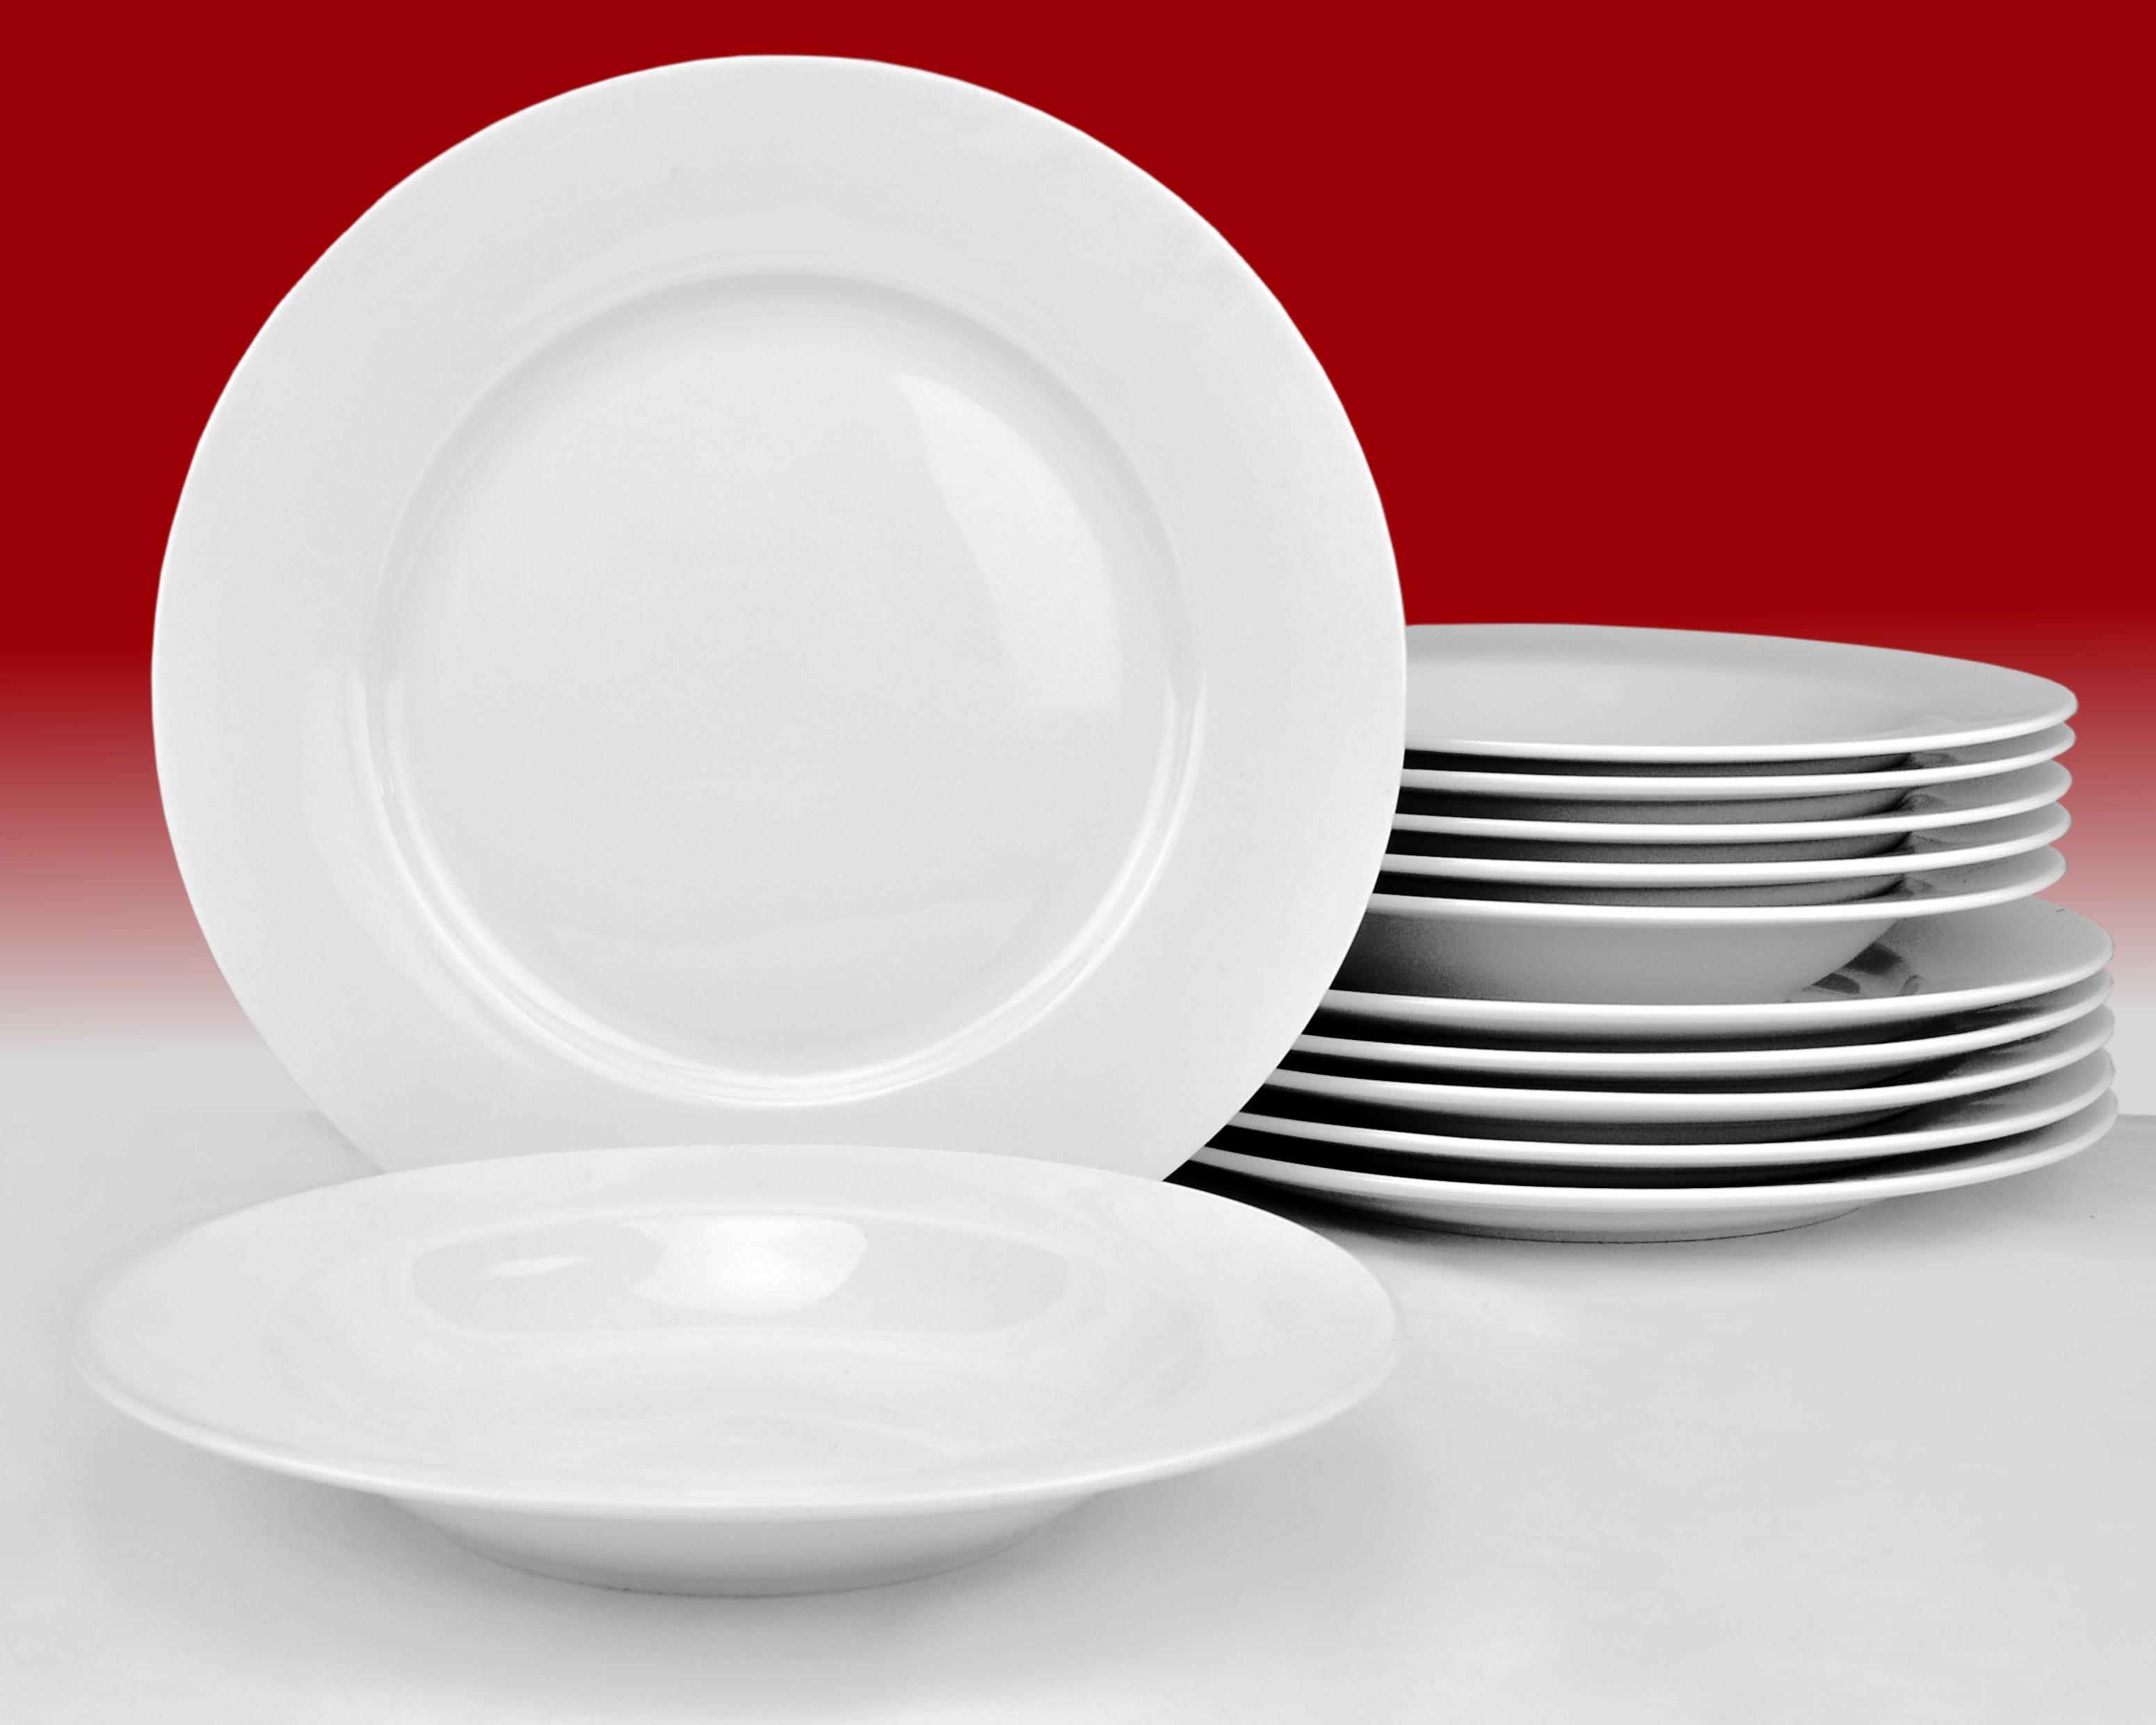 tafelservice annabelle 24tlg f r 12 personen porzellan tafelservice ohne dekor. Black Bedroom Furniture Sets. Home Design Ideas